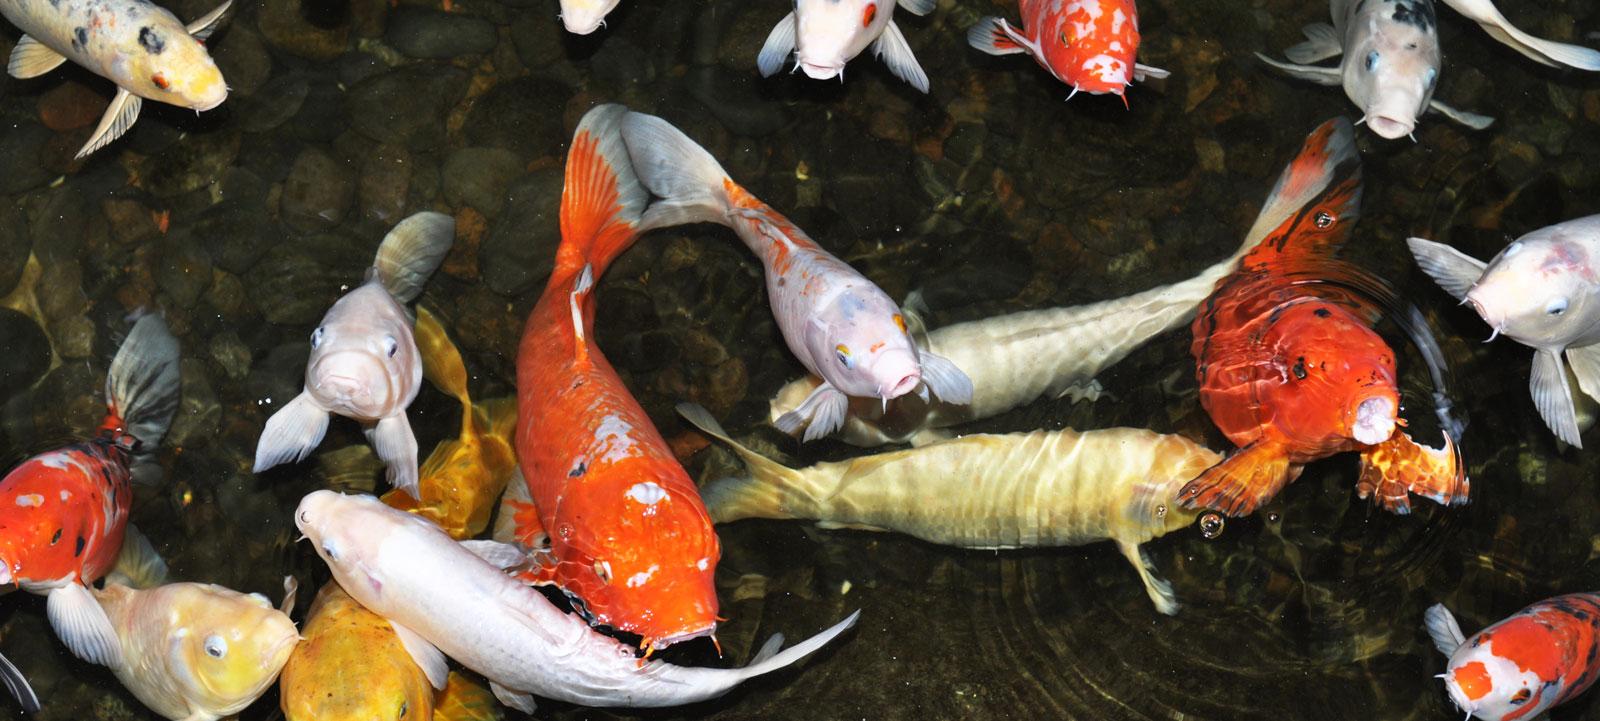 Temp rature de l 39 eau et sant des poissons jardins for Poisson koy